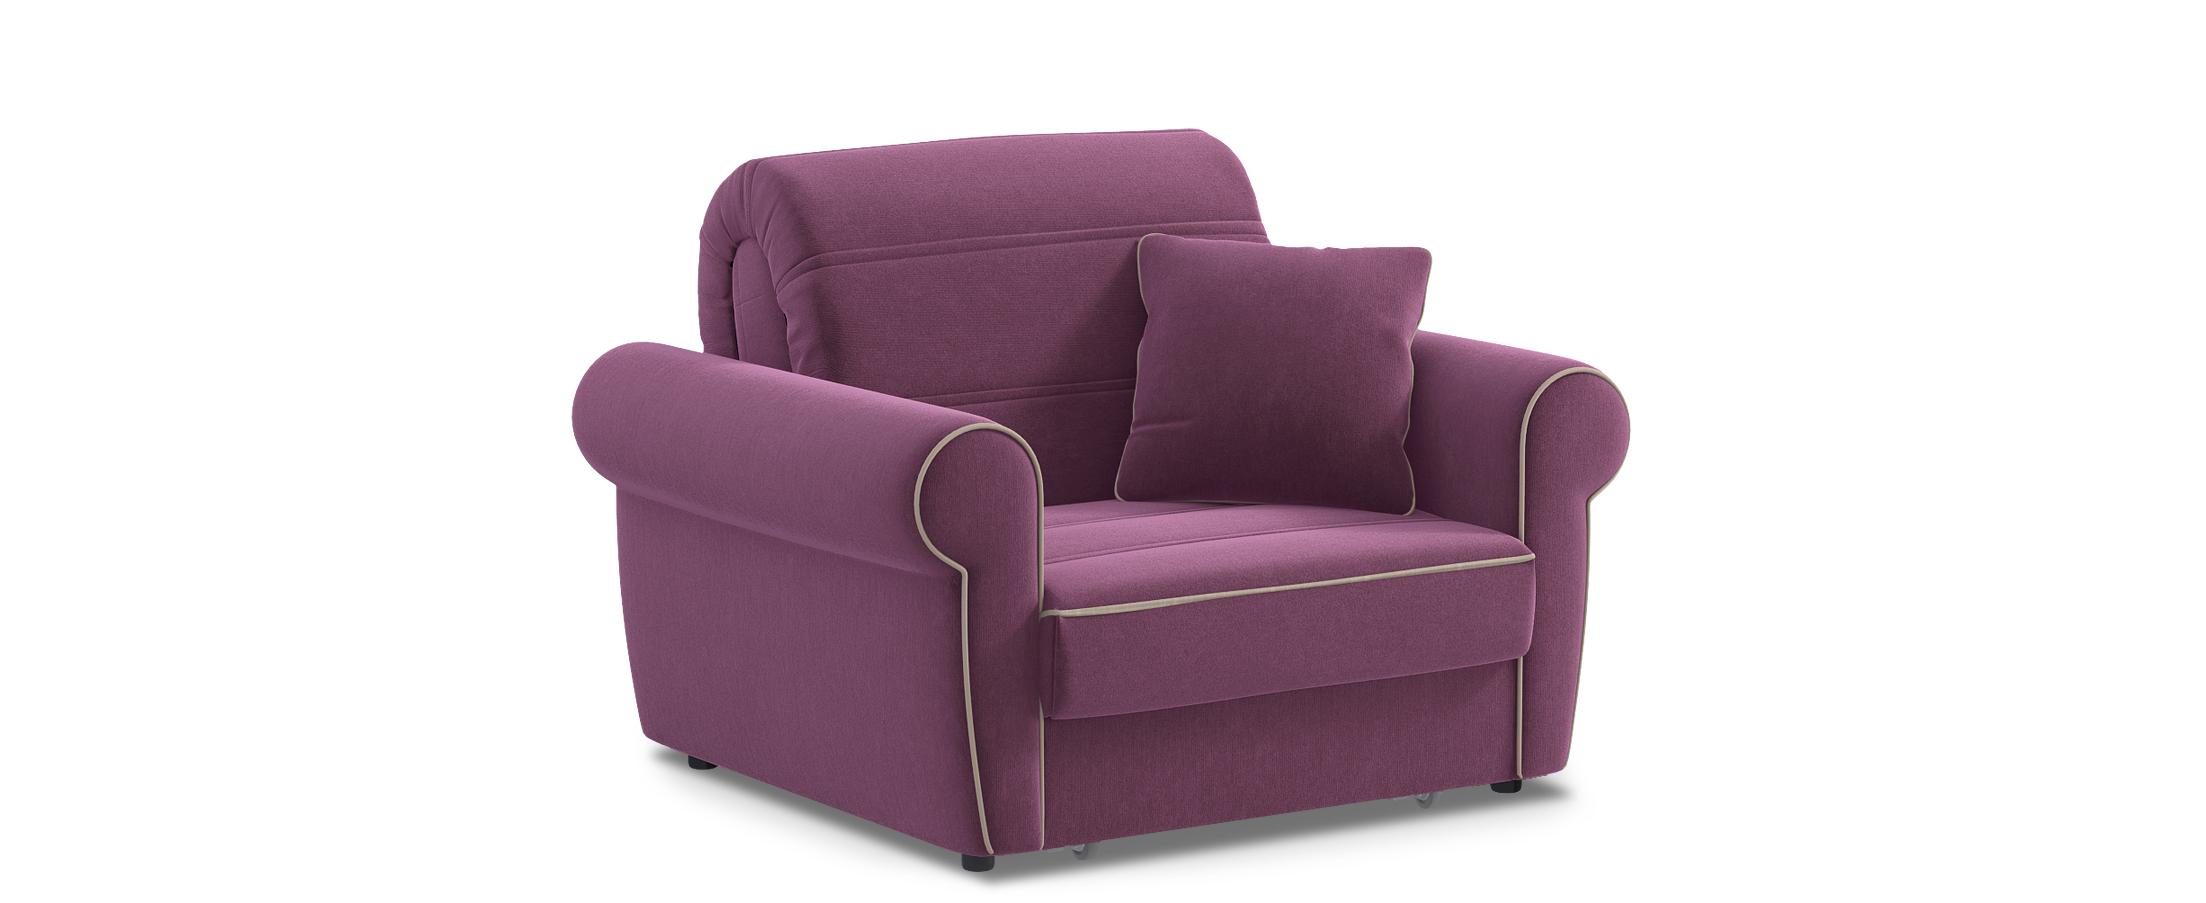 Кресло раскладное Гамбург 123Купить фиолетовое кресло-кровать Гамбург 123. Доставка от 1 дня. Подъём, сборка, вынос упаковки. Гарантия 18 месяцев. Интернет-магазин мебели MOON-TRADE.RU<br><br>Ширина спального места см: 80<br>Длина спального места см: 200<br>Ширина см: 119<br>Глубина см: 105<br>Высота см: 91<br>Глубина посадочного места см: 60<br>Высота спального места см: 45<br>Цвет: Фиолетовый<br>Механизм: Аккордеон<br>Материал: Велюр<br>Жёсткость: Средняя<br>Каркас: Металлокаркас<br>Чехол: Съёмный<br>Основание: Берёзовые латы, Пружинные змейки<br>Бельевой короб: Нет<br>Мягкий настил: ППУ<br>Код ткани: 74-10<br>Модель: Гамбург<br>Бренд: MOON-TRADE